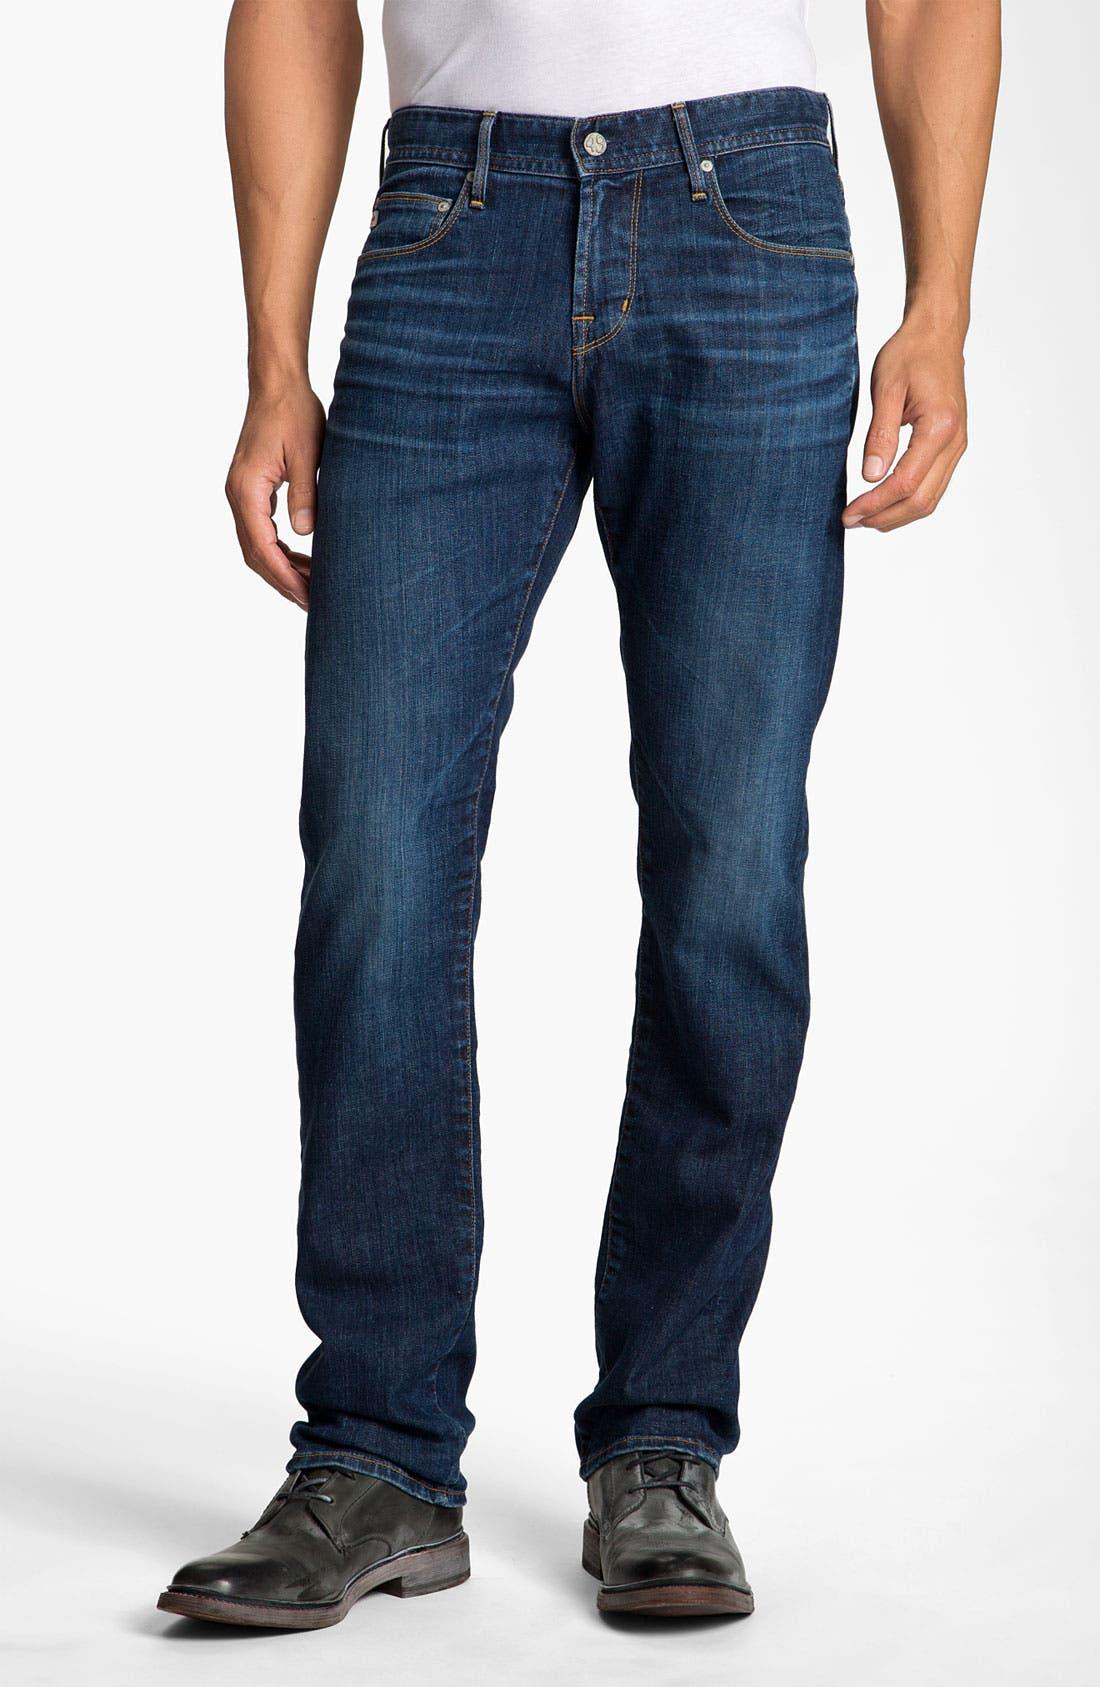 Alternate Image 1 Selected - AG Jeans 'Geffen' Easy Slim Straight Leg Jeans (Seven Year)